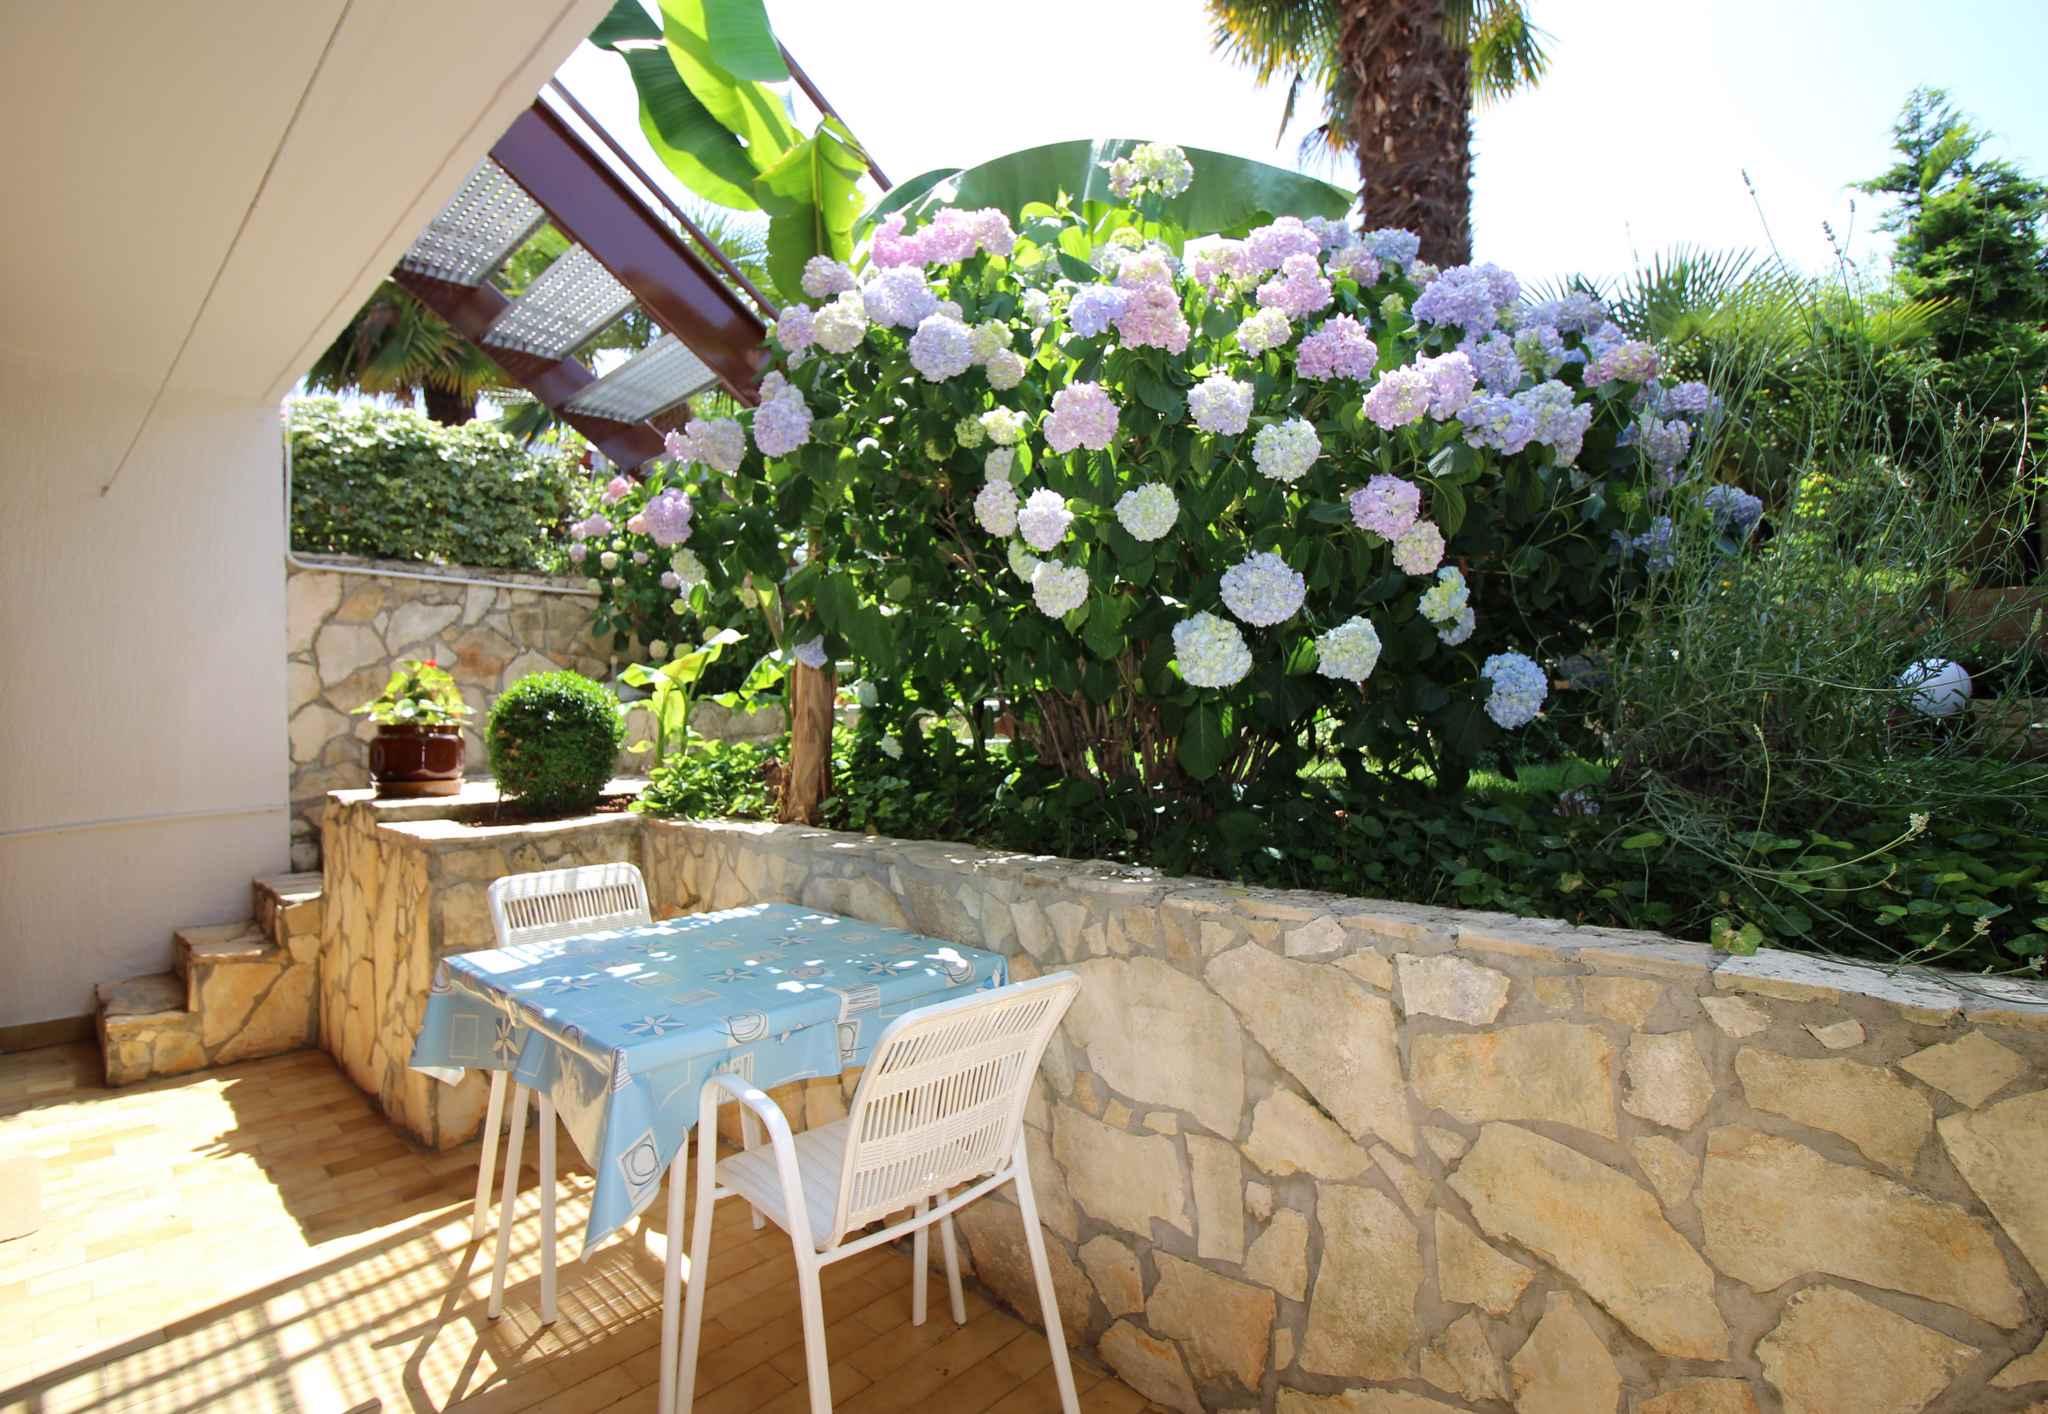 Ferienwohnung mit schöner Terrasse und Garten (280318), Porec, , Istrien, Kroatien, Bild 4